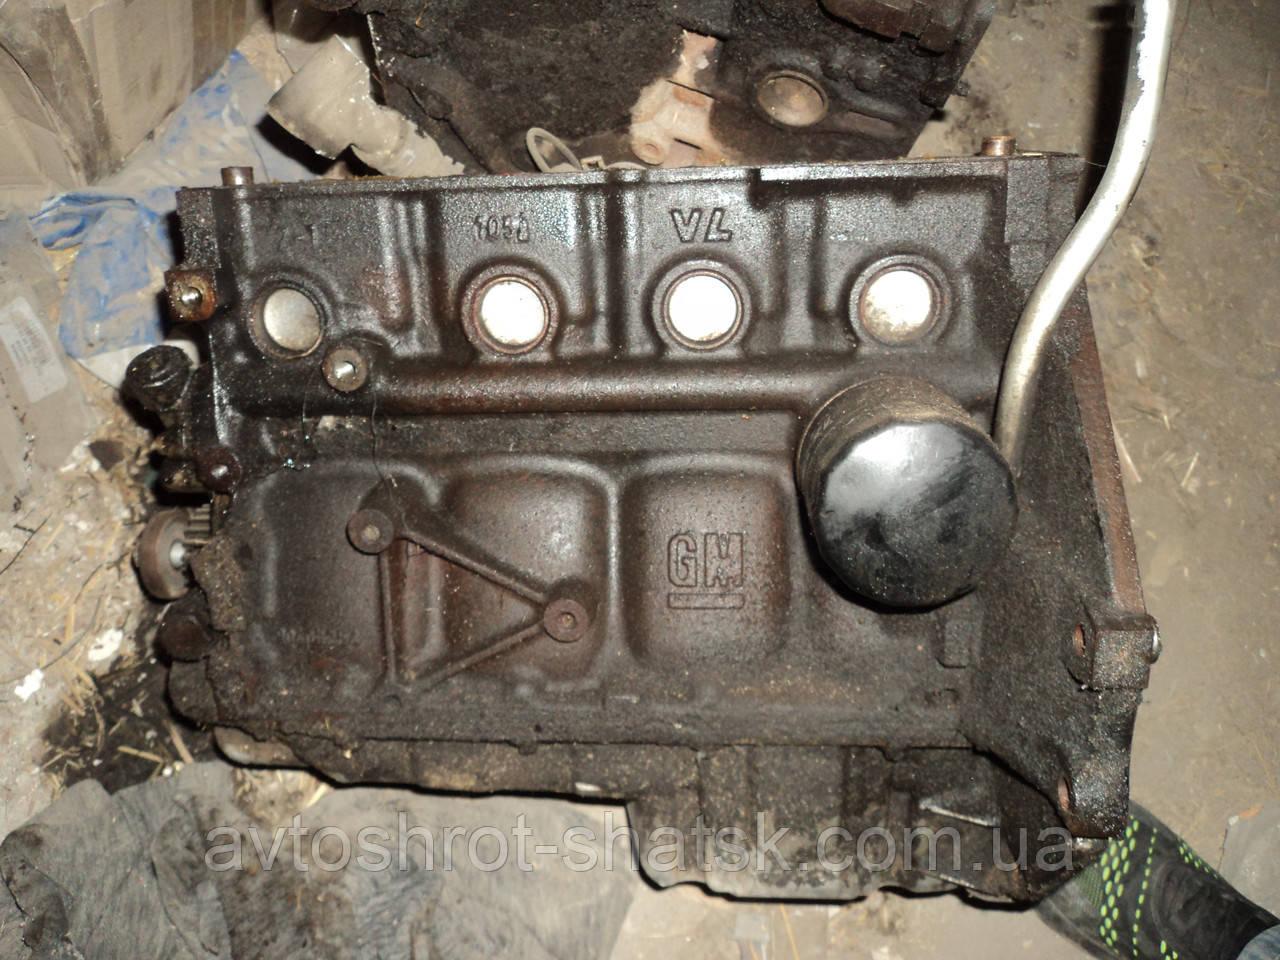 Б/У блок двигателя опель зафира а 1.6 16 кл